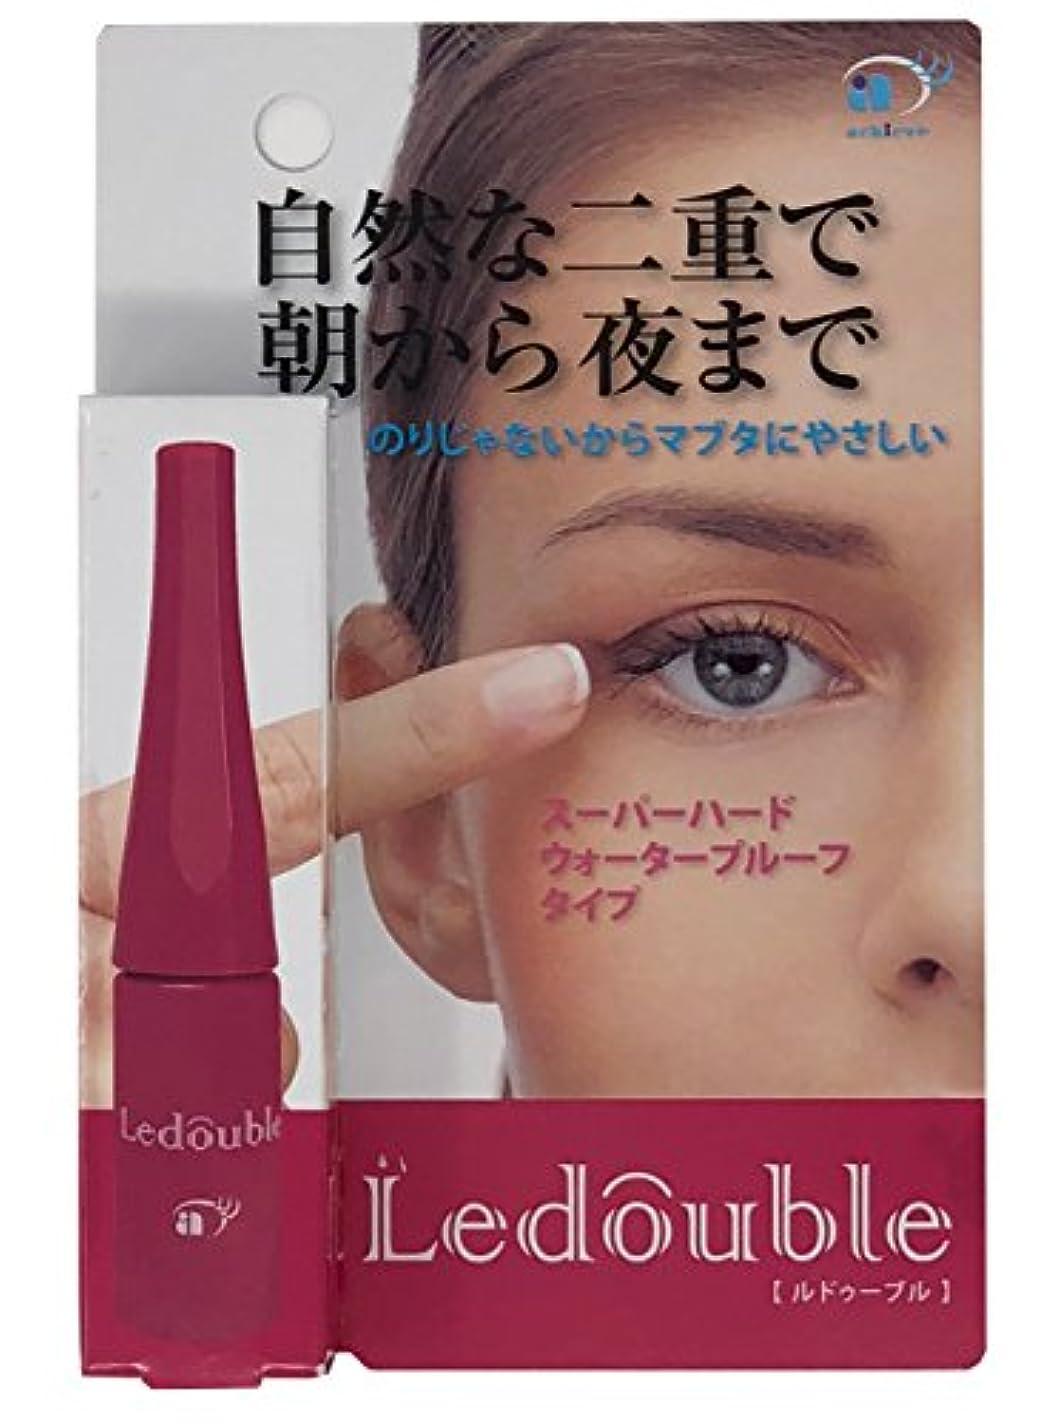 彫る溶岩用心深いLedouble [ルドゥーブル] 二重まぶた化粧品 (4mL) 限定200%増量